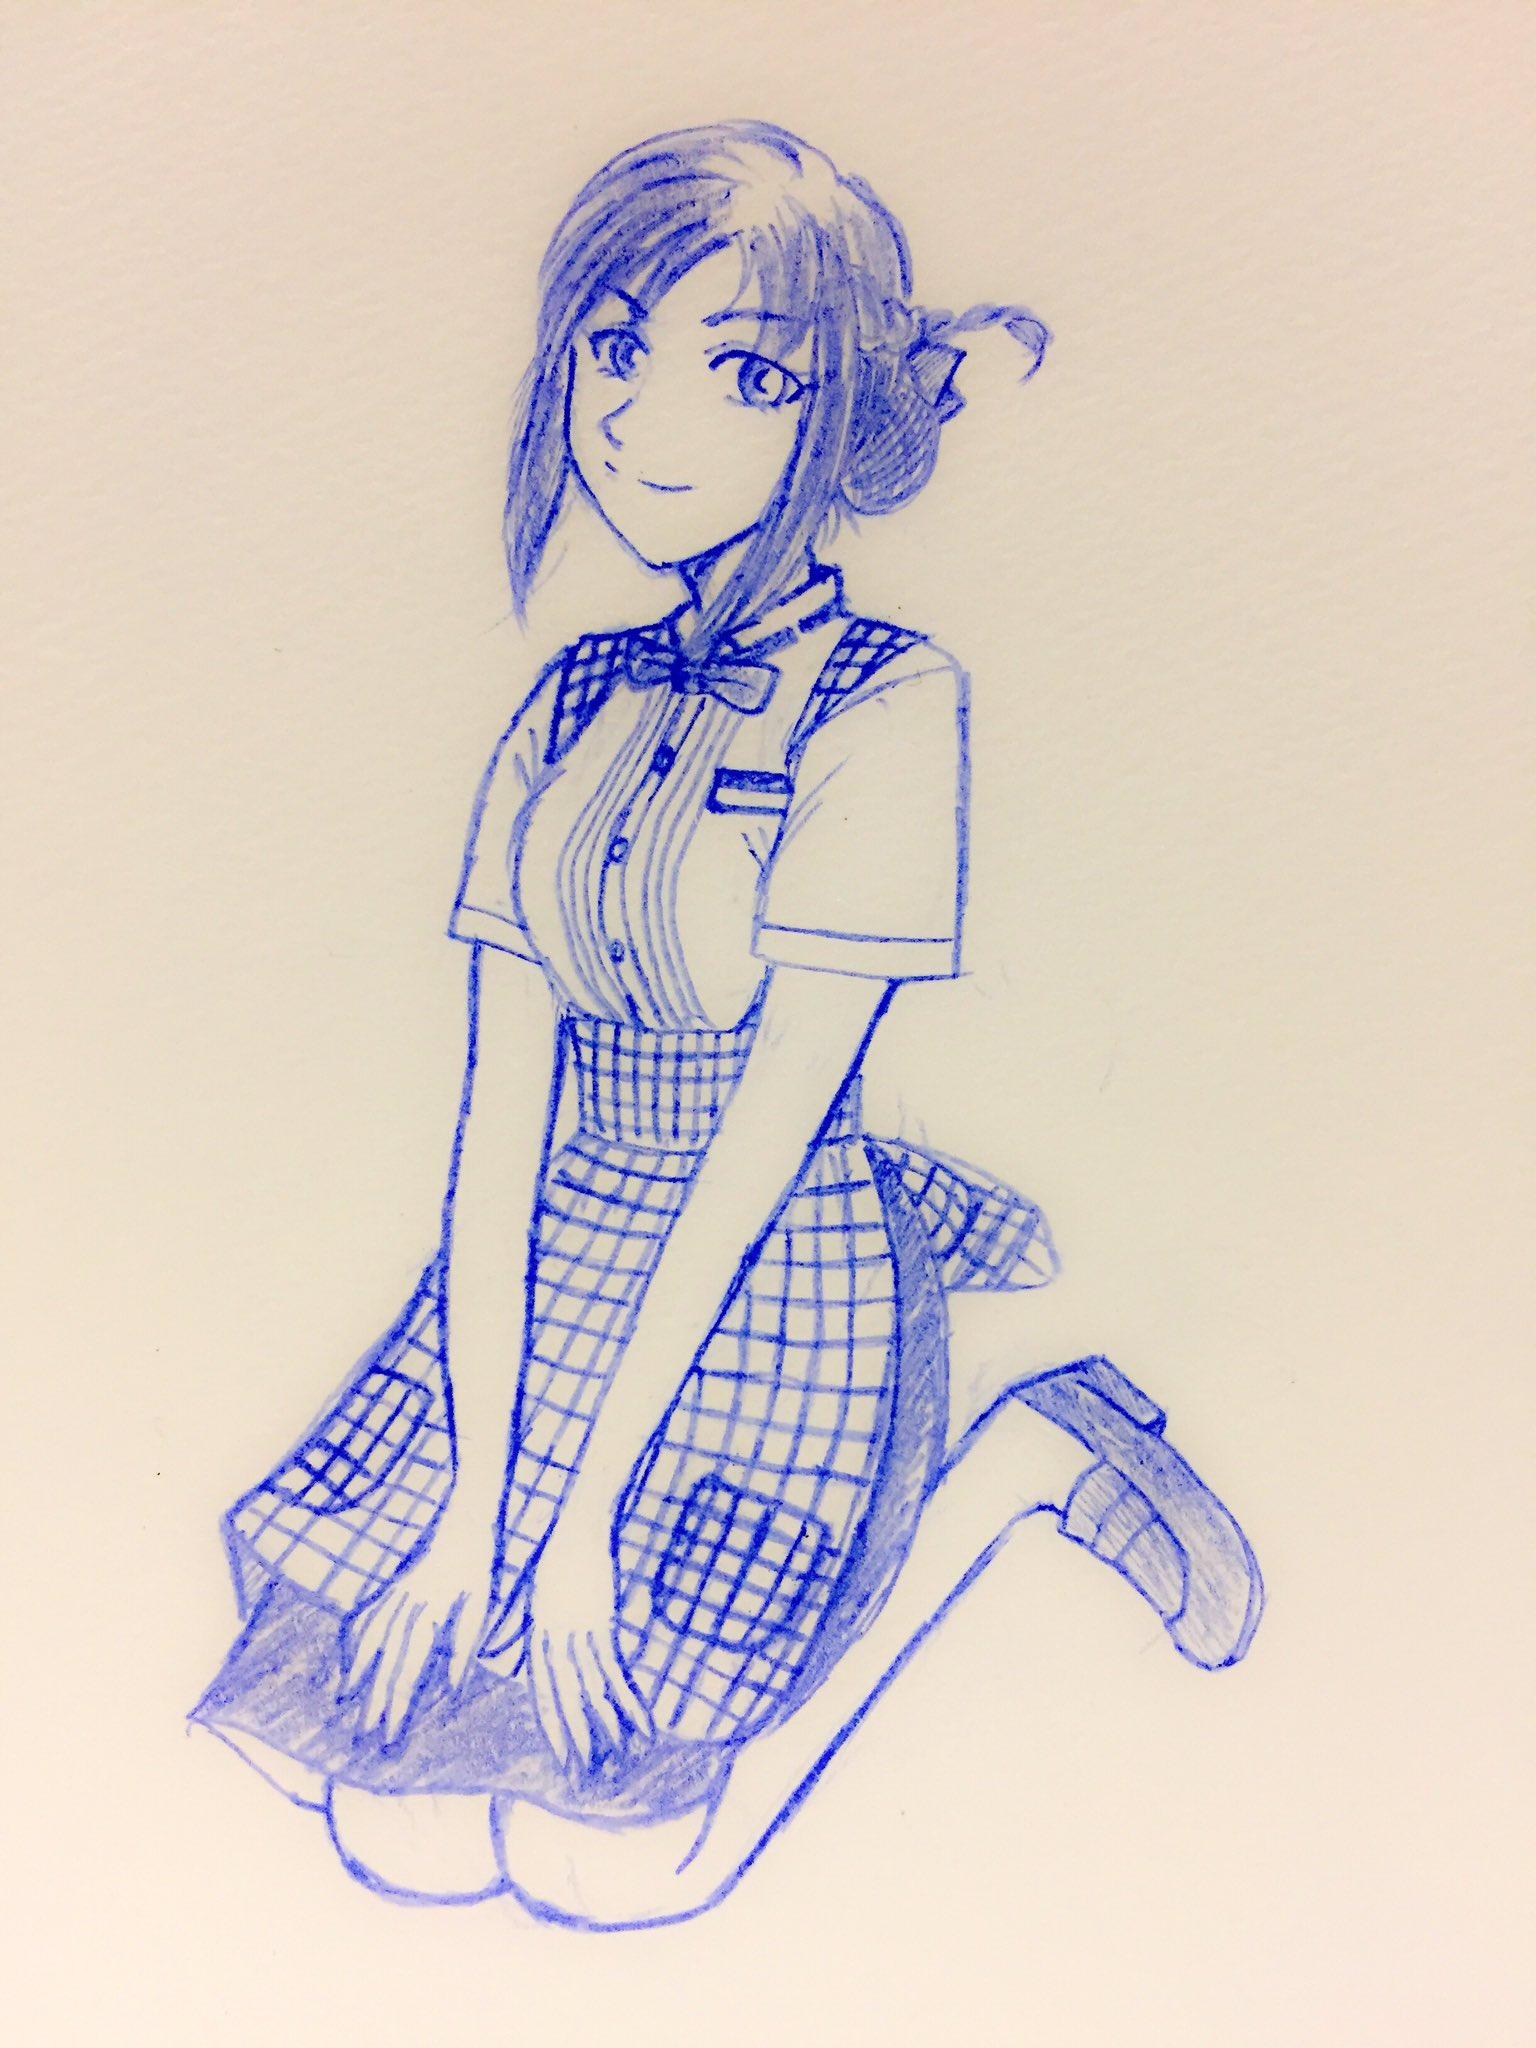 しんぽん(SHIN-PON)晋凡堂 (@SHIN_YANAI)さんのイラスト